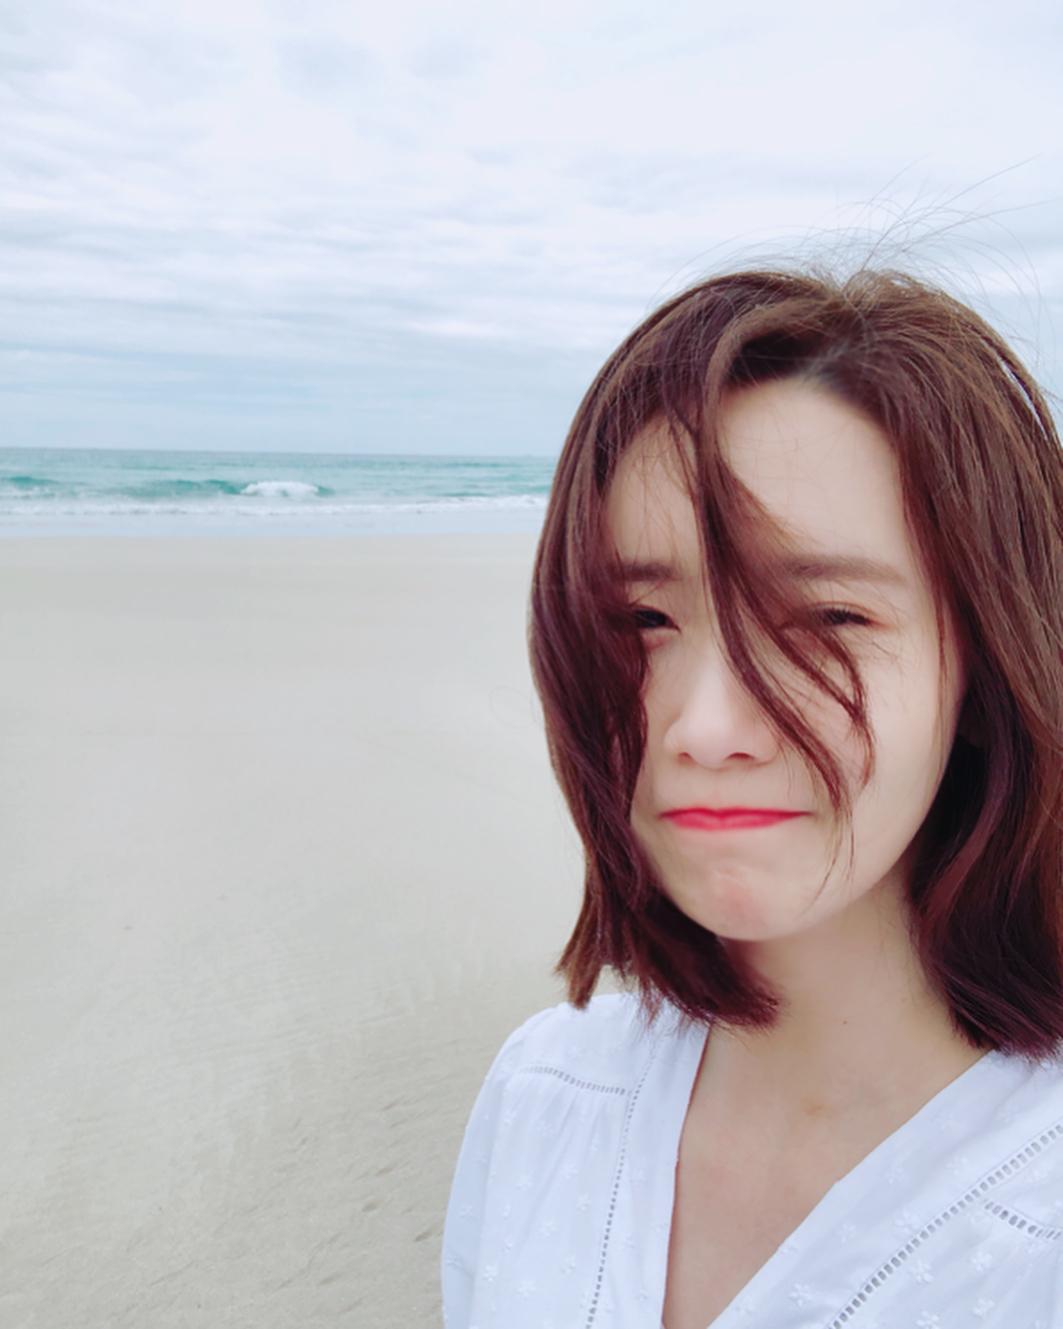 Vừa tròn 30, Yoona bật mí 5 chiêu dưỡng da 'bất di bất dịch' mà cô chưa một lần coi thường, chị em nghe xong gật gù tâm đắc - Ảnh 1